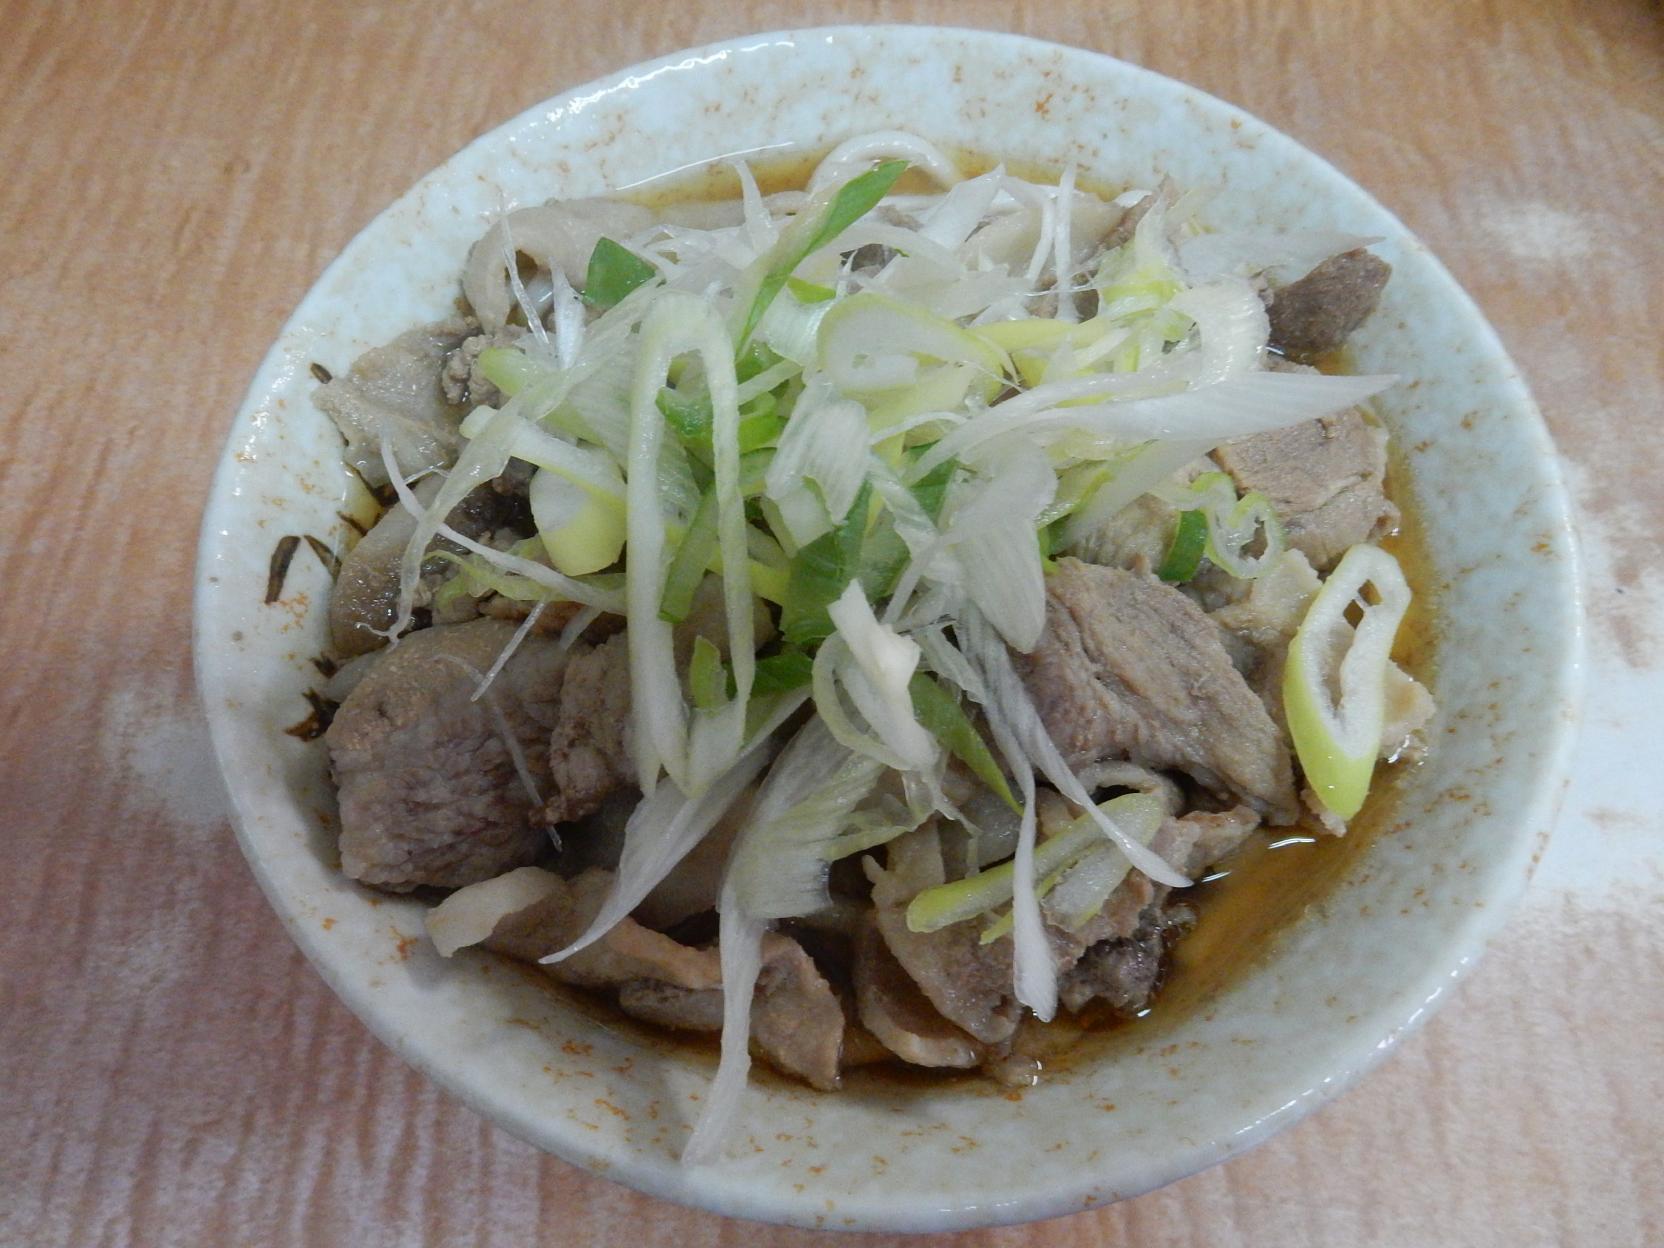 立ち食いうどん屋の外国人旅行者と豊島区椎名町のインバウンドの話_b0235153_119773.jpg